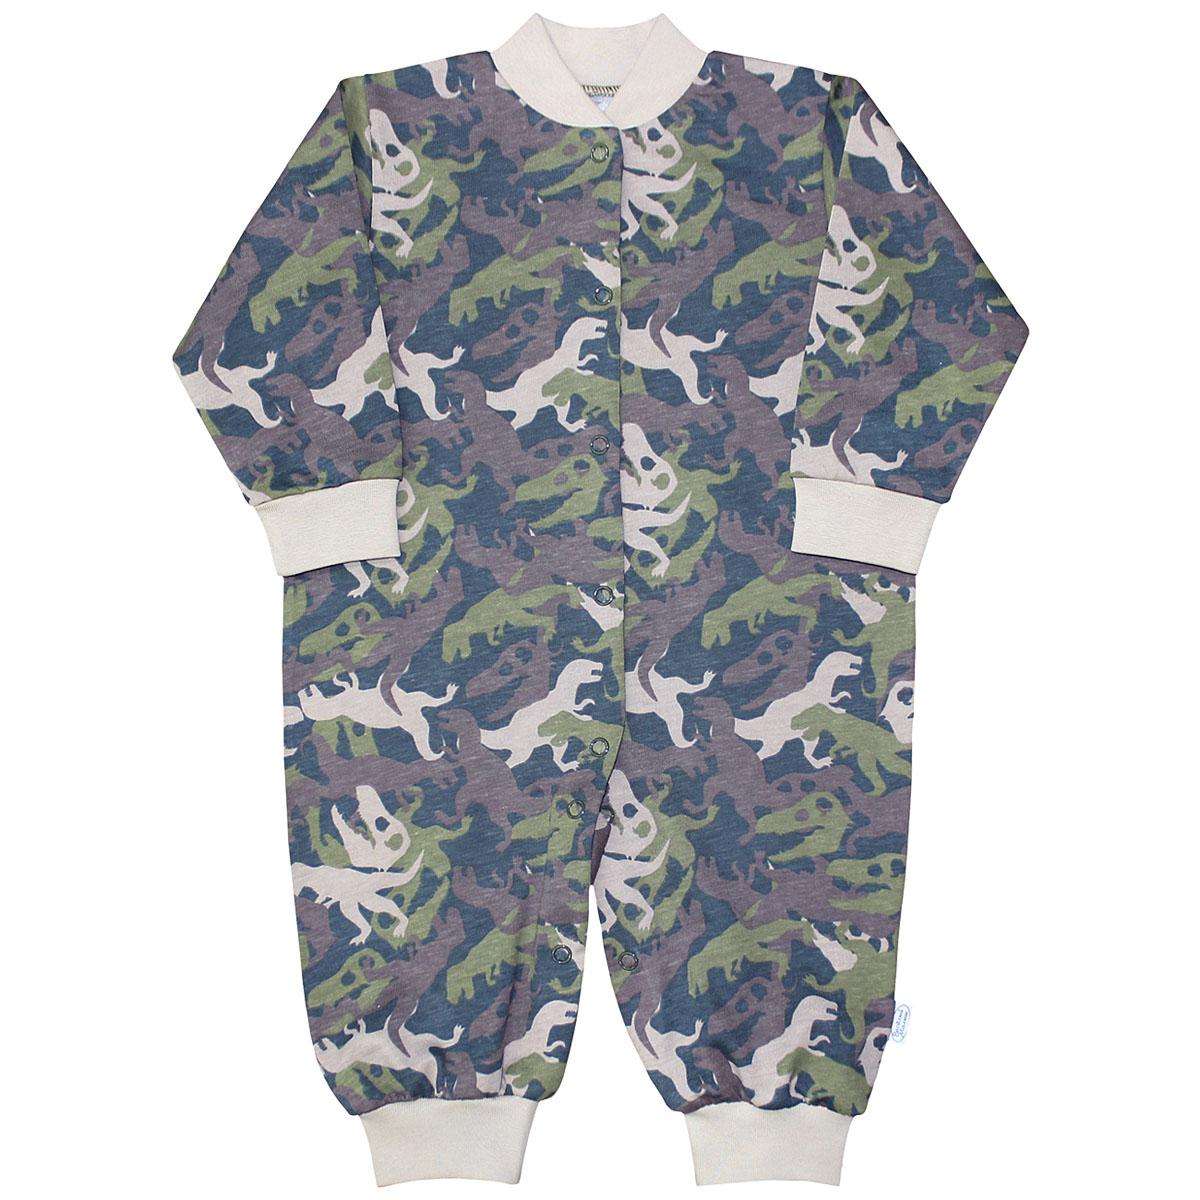 Комбинезон домашний для мальчика Веселый малыш Динозавры, цвет: темно-зеленый. 251/172/ди-хаки. Размер 86 комбинезоны и полукомбинезоны веселый малыш комбинезон динозавры 251 172